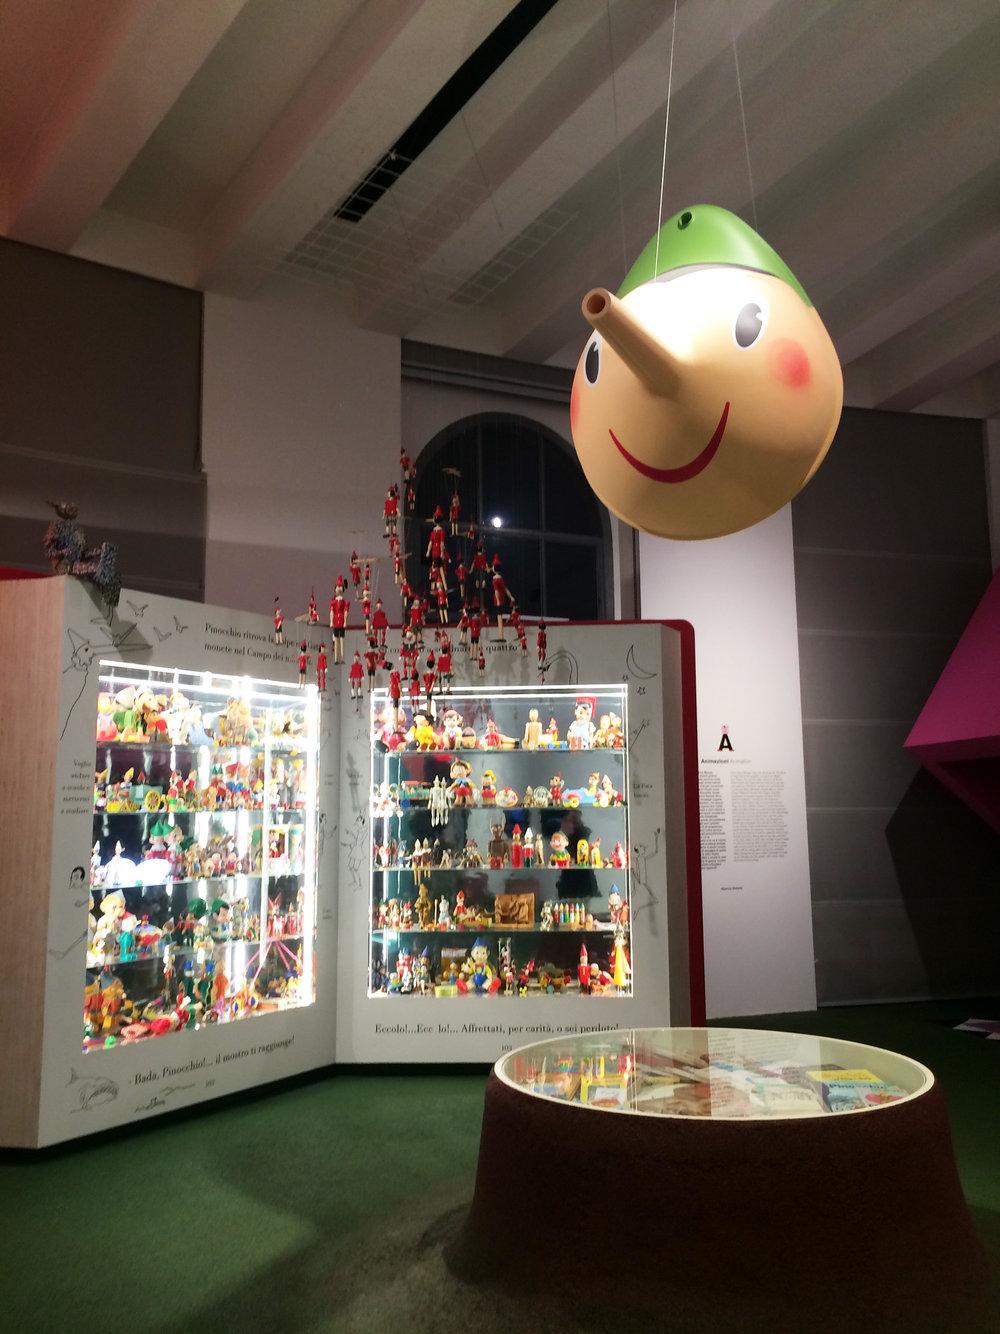 ムナーリのコーナーはもちろん、ピノキオを集めた展示コーナーも。